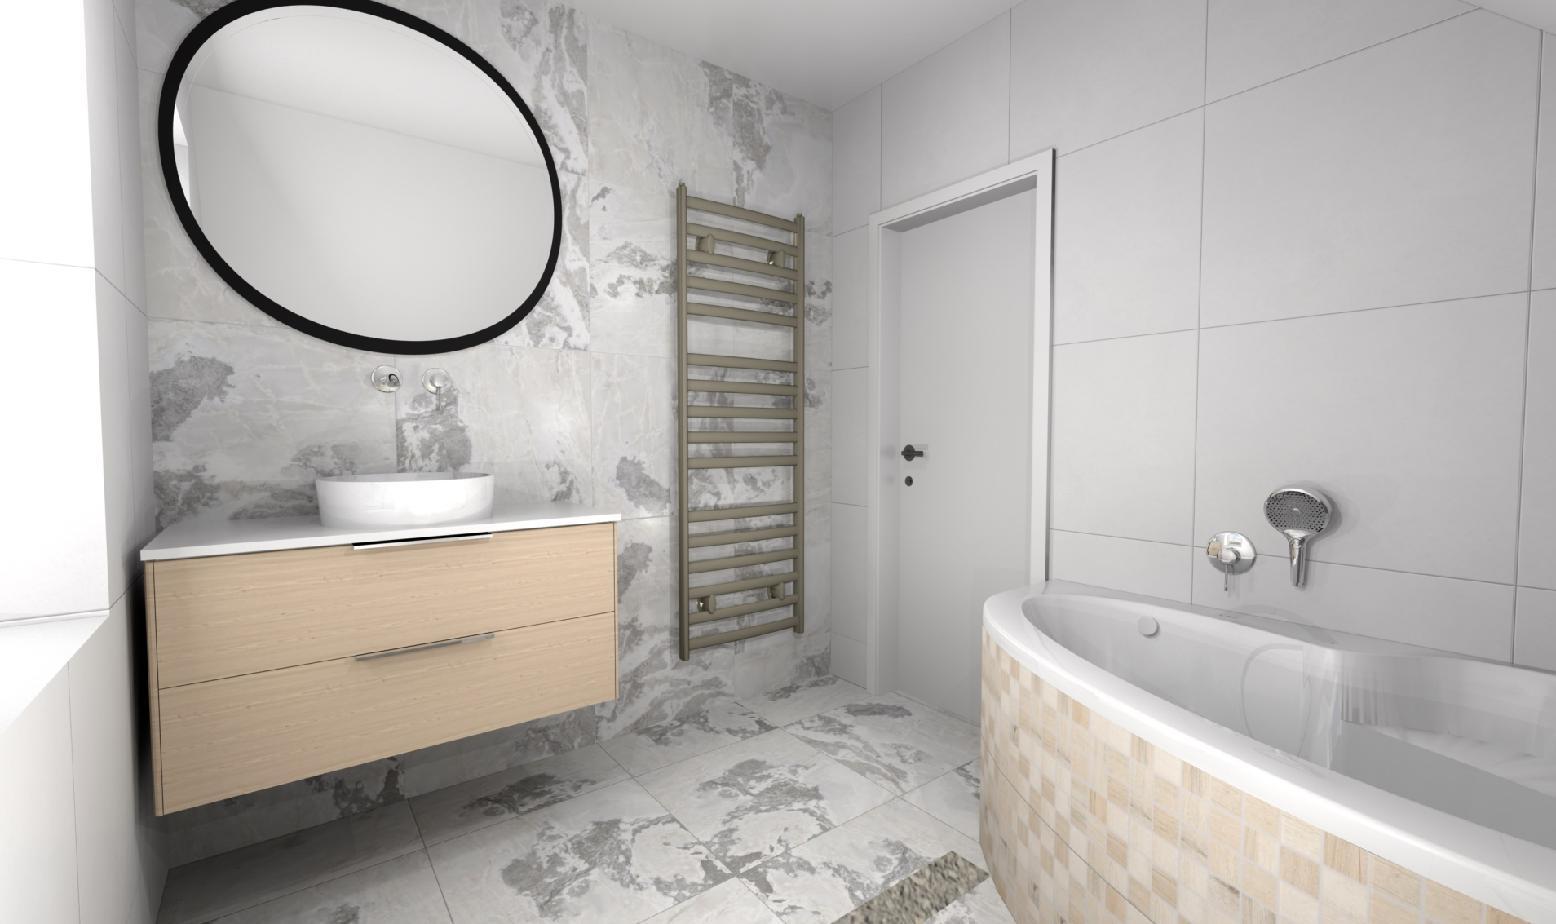 Koupelna - Vizualizace koupelny